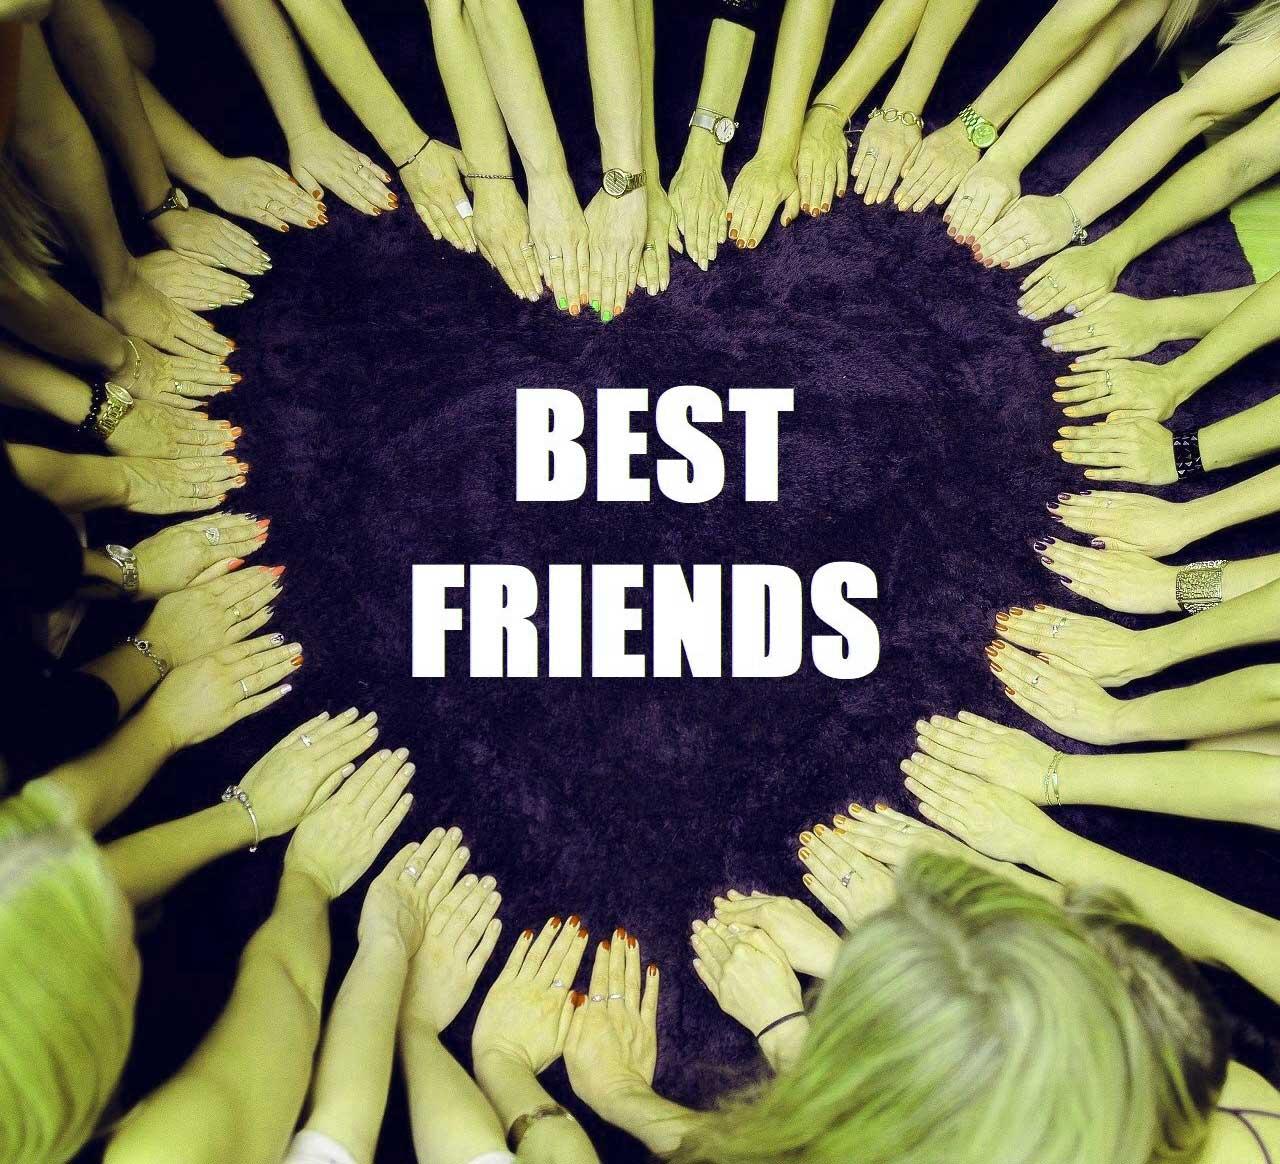 Best Friends Dp For Whatsapp Download Hd Freee